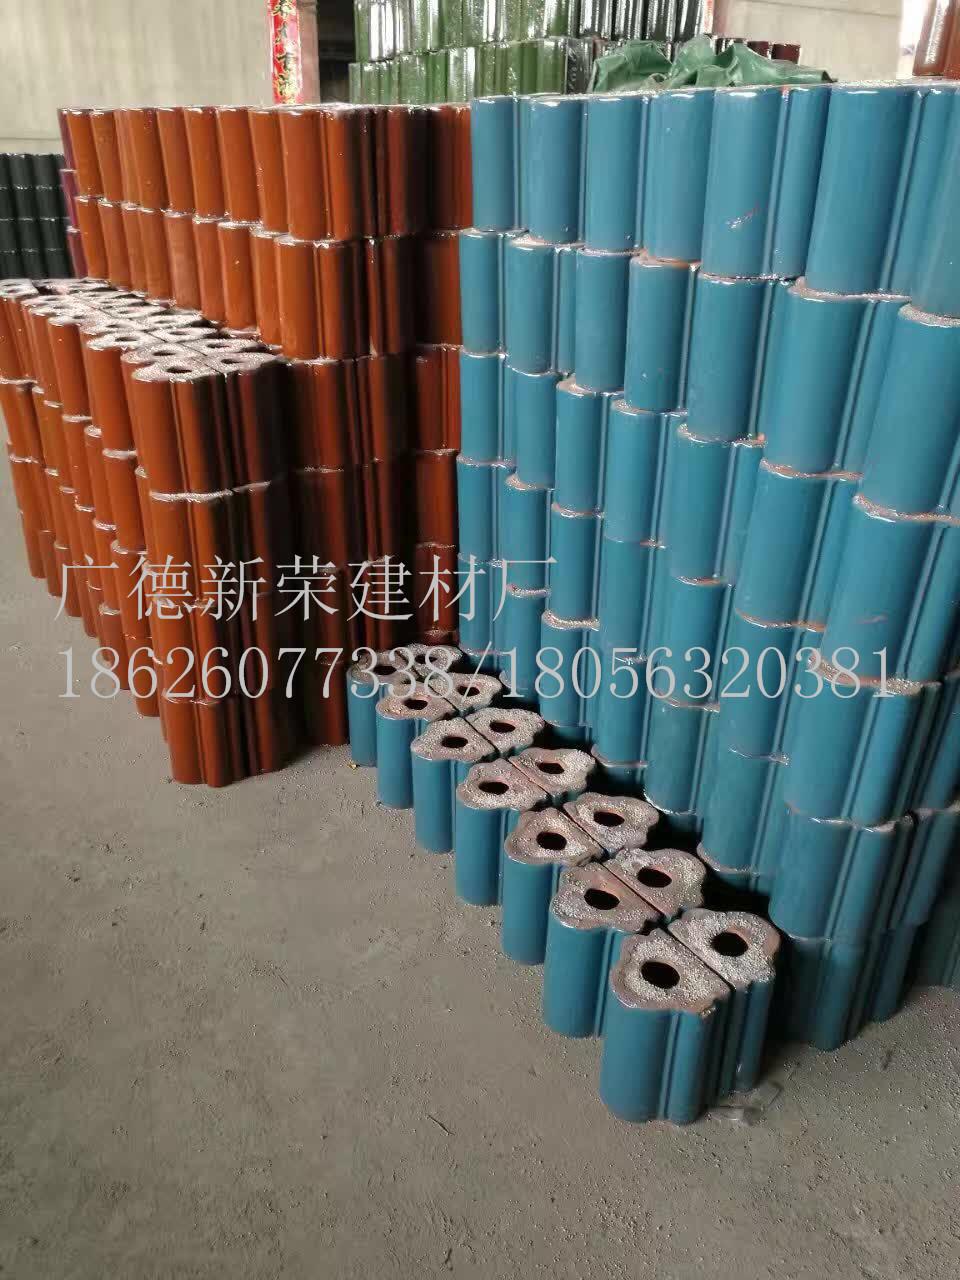 供应安徽宜兴琉璃瓦配件、合肥s瓦配件价格,黄山s瓦配件厂家供应